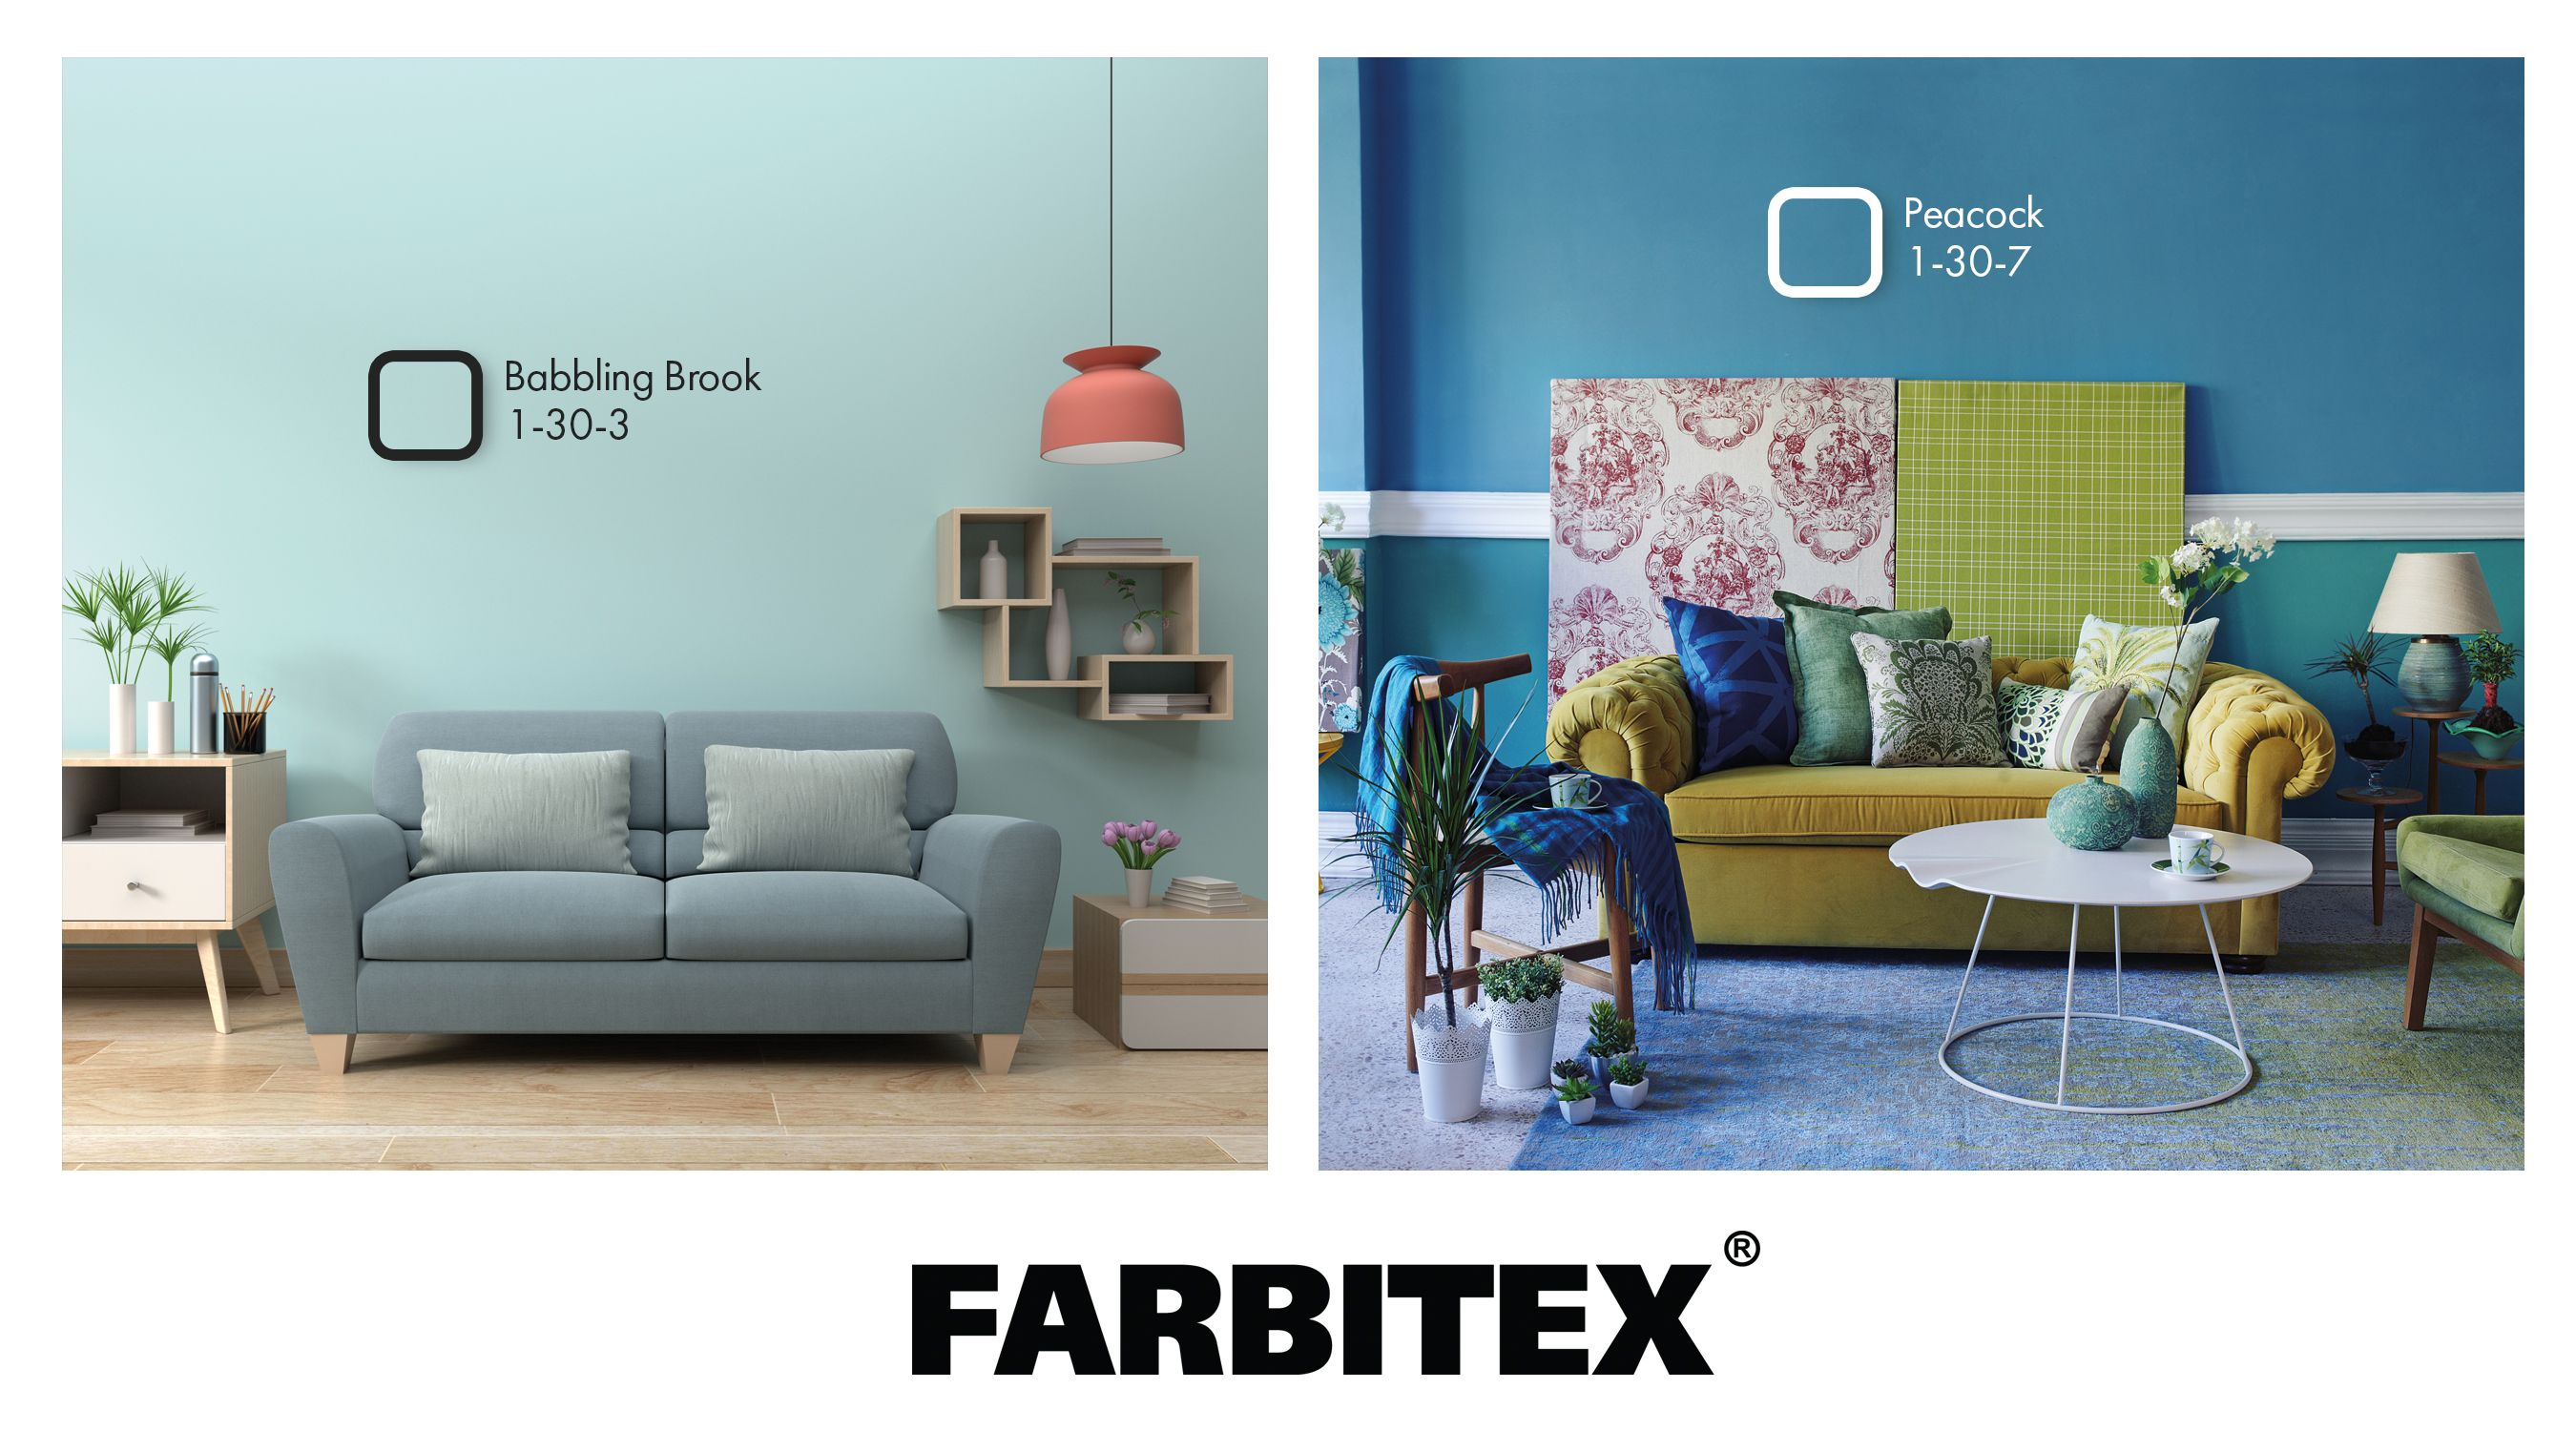 Farbitex # # #